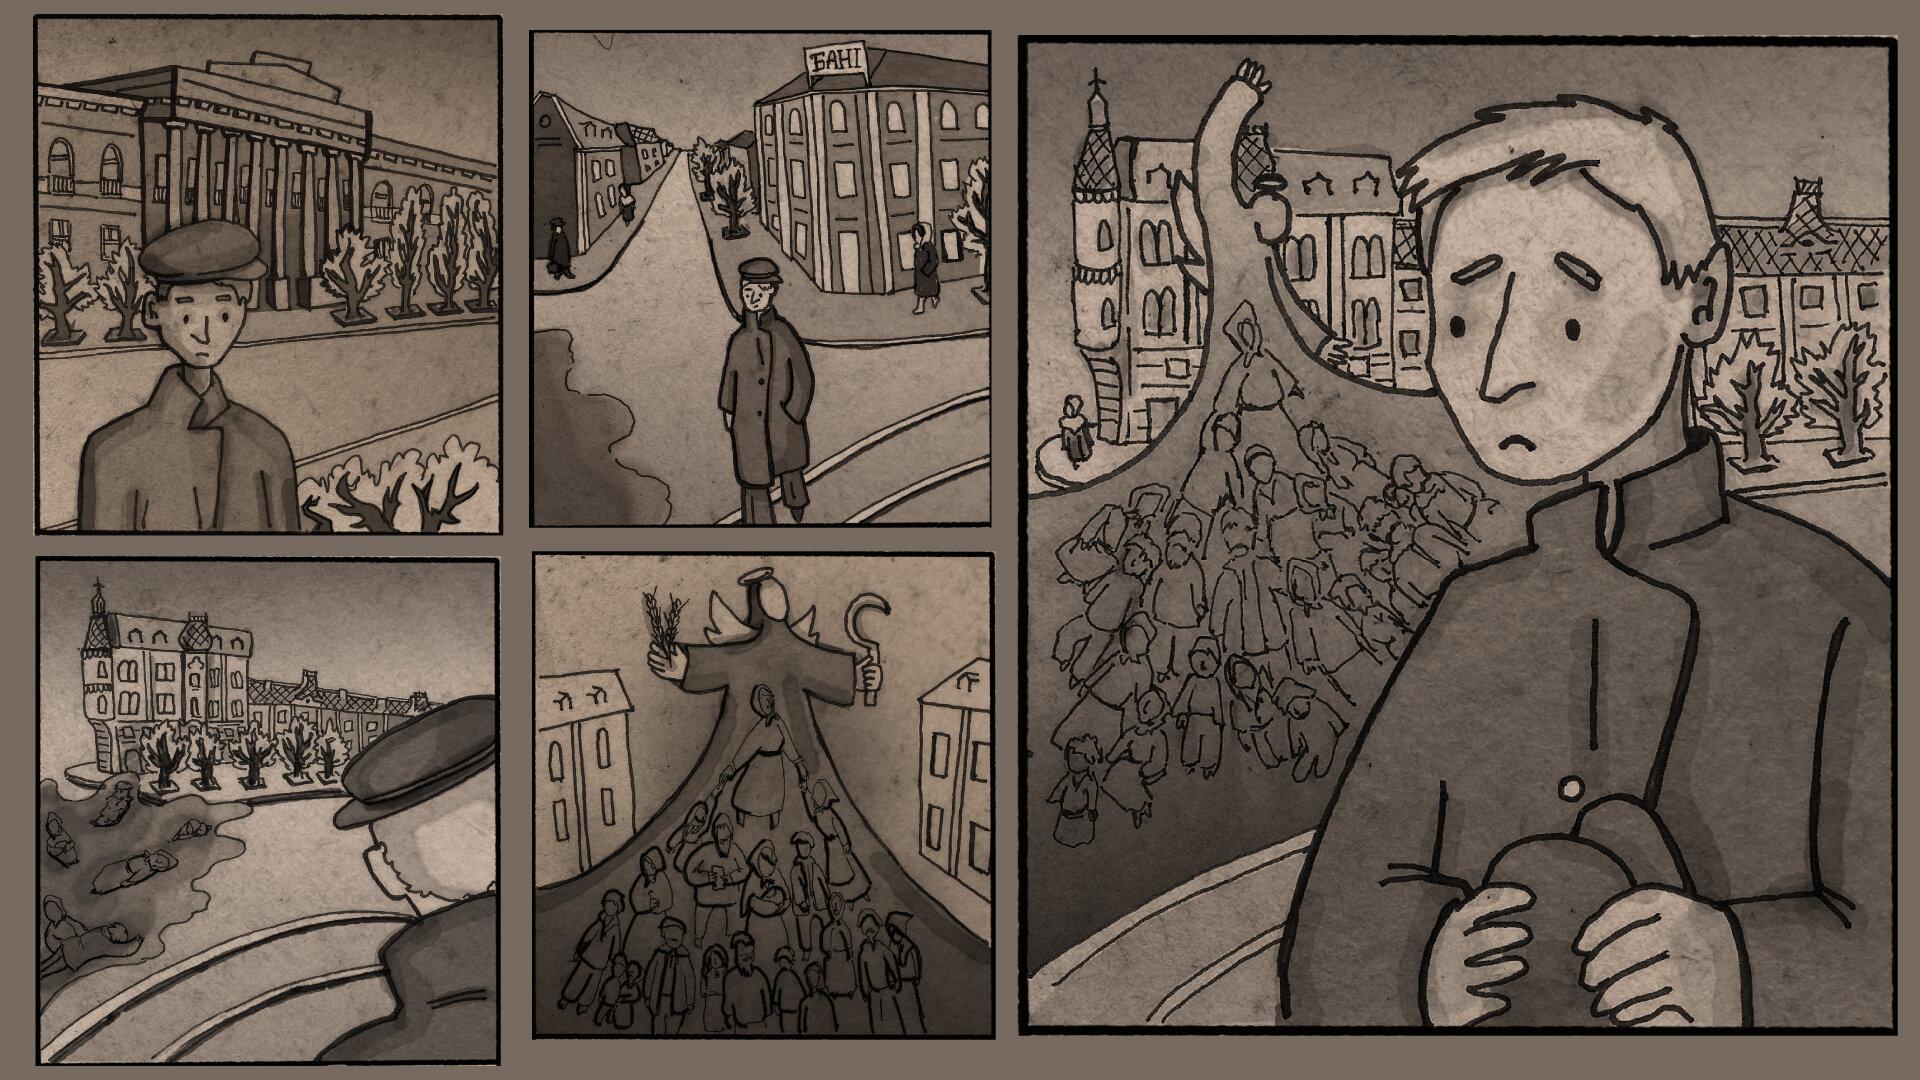 (Не) складна історія: перший український комікс про Голодомор